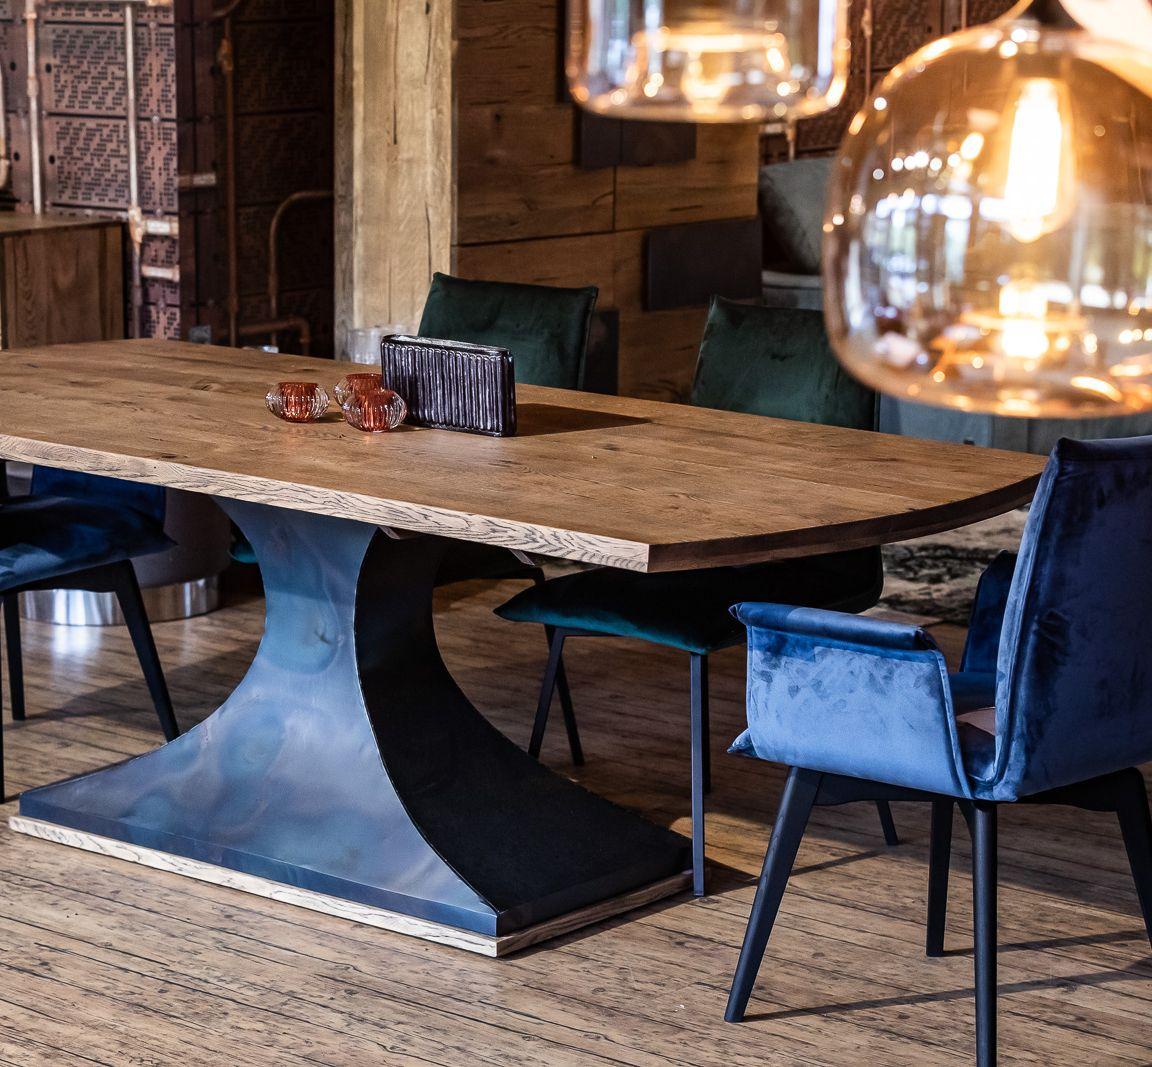 Edler Esstisch Aus Eichenholz Tisch Esstisch Eiche Holz